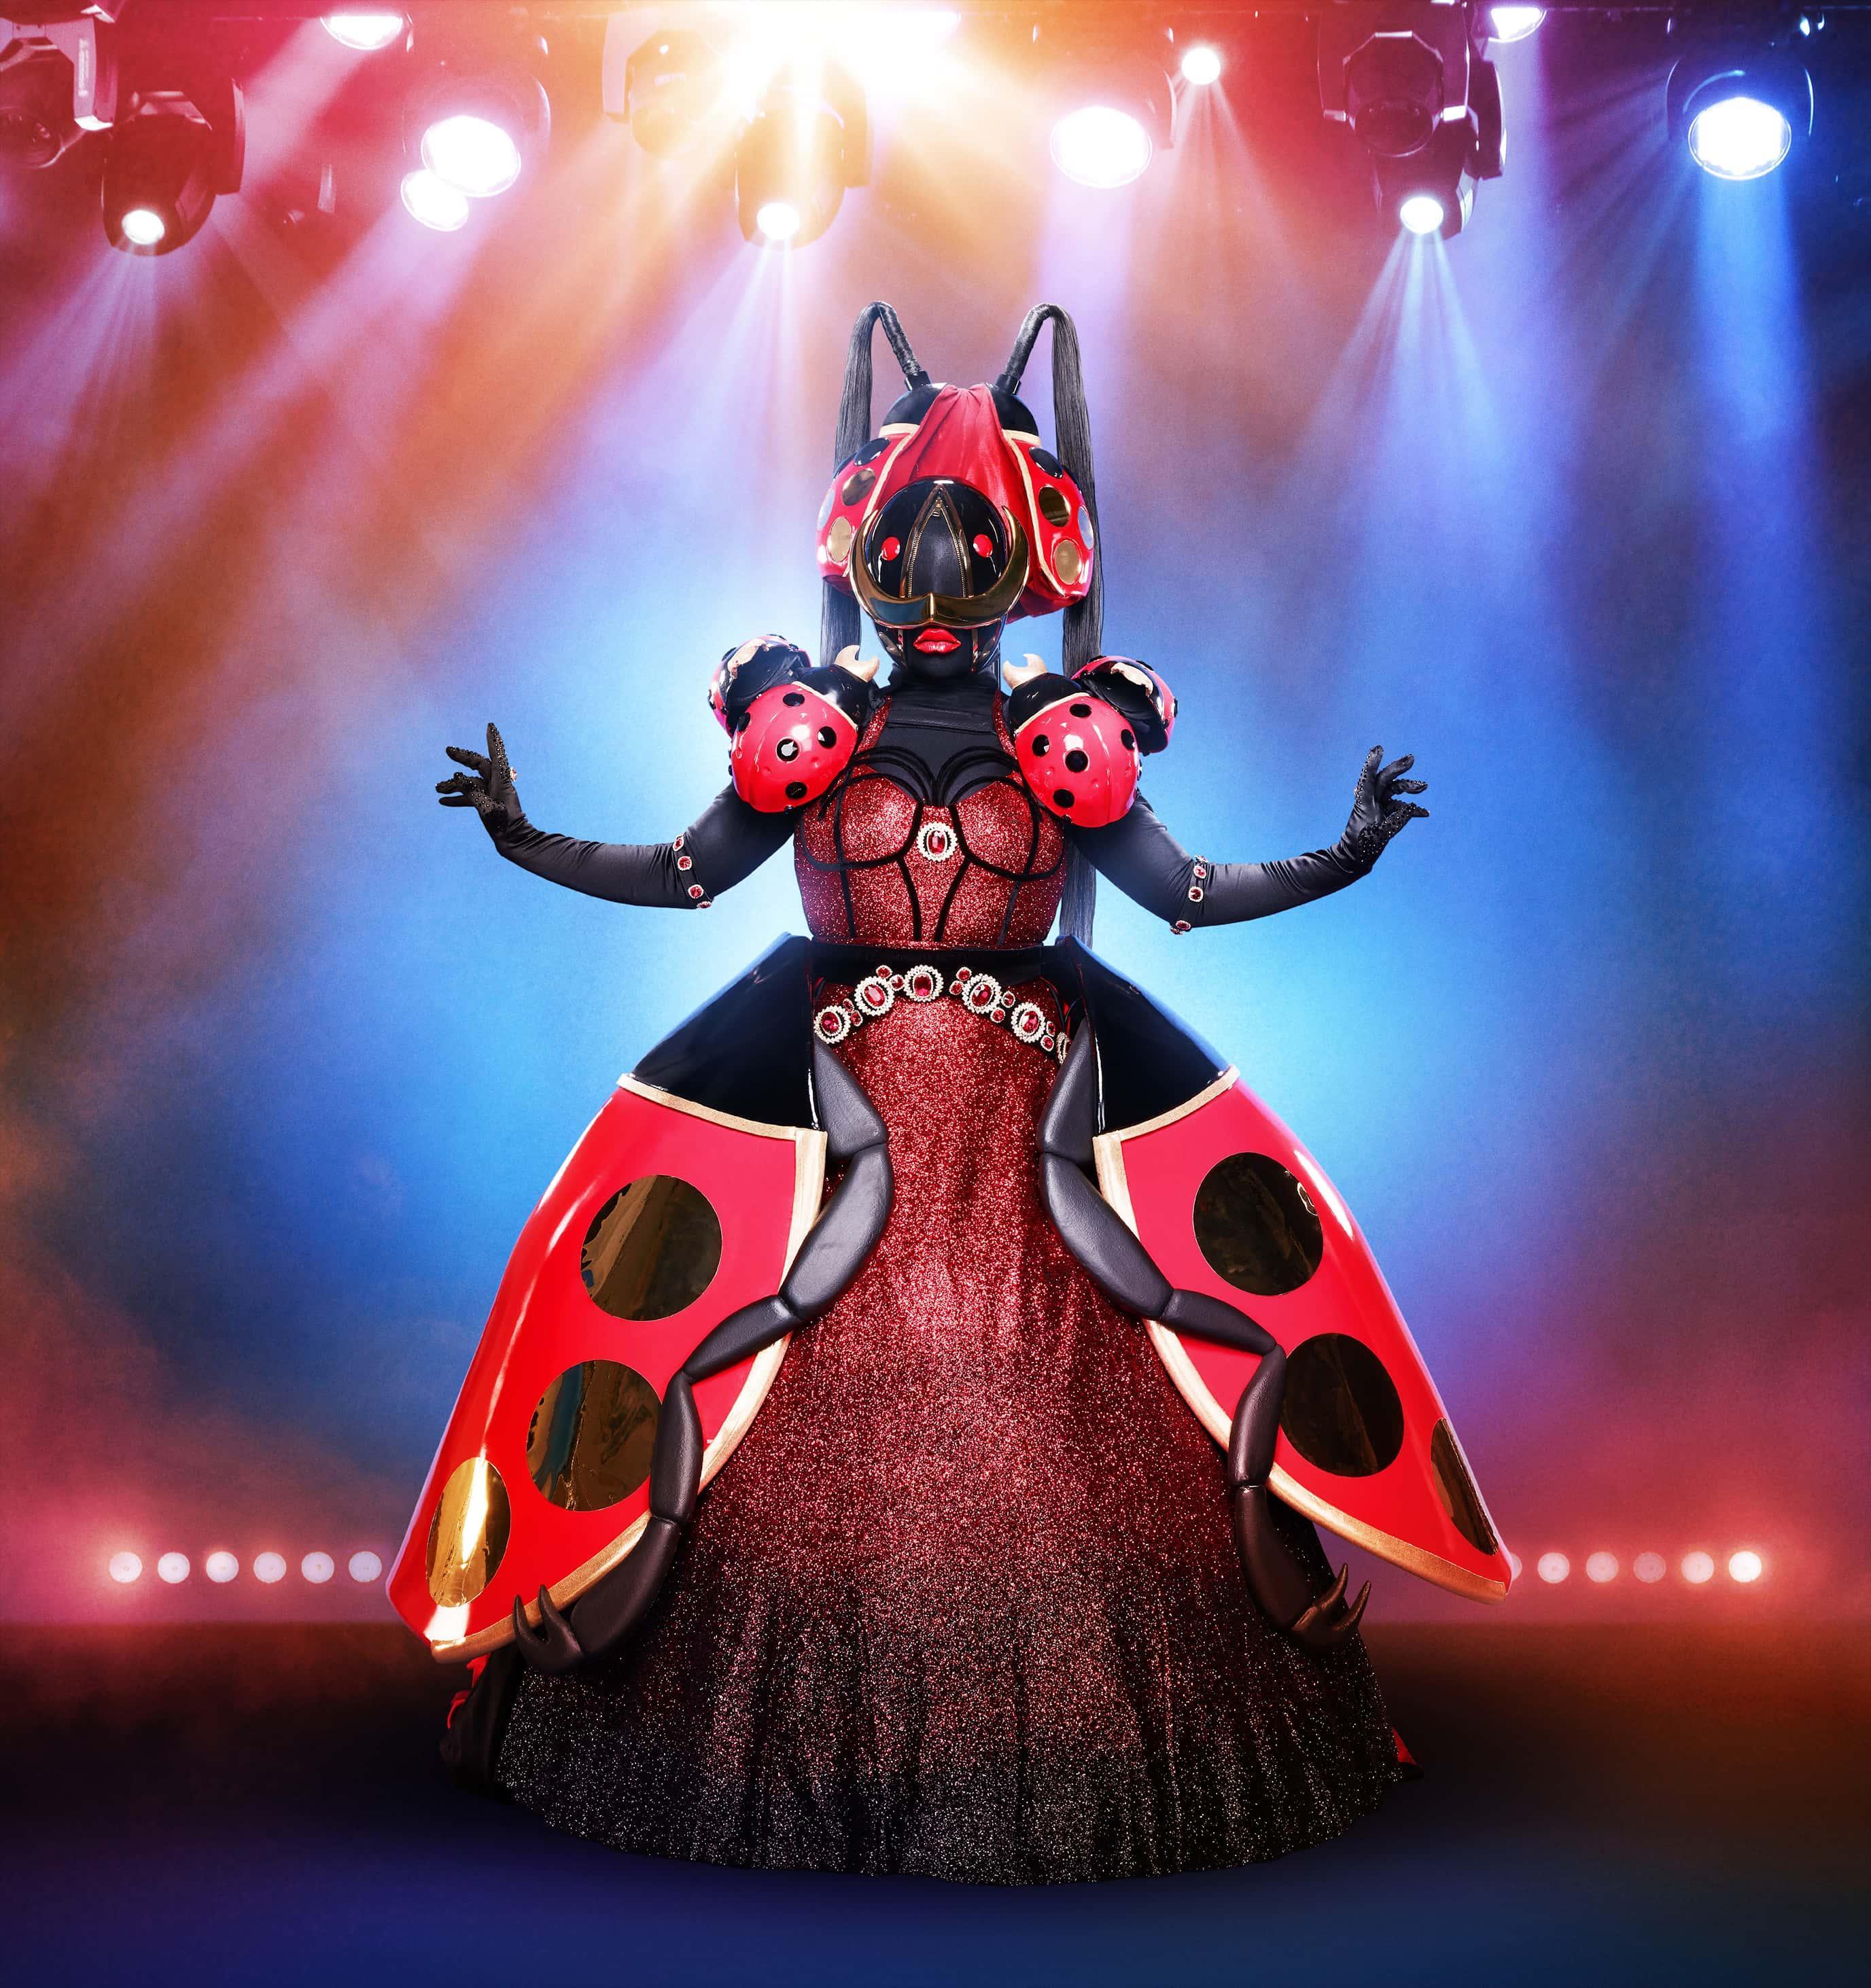 masked-singer-ladybug-1569441874670.jpg